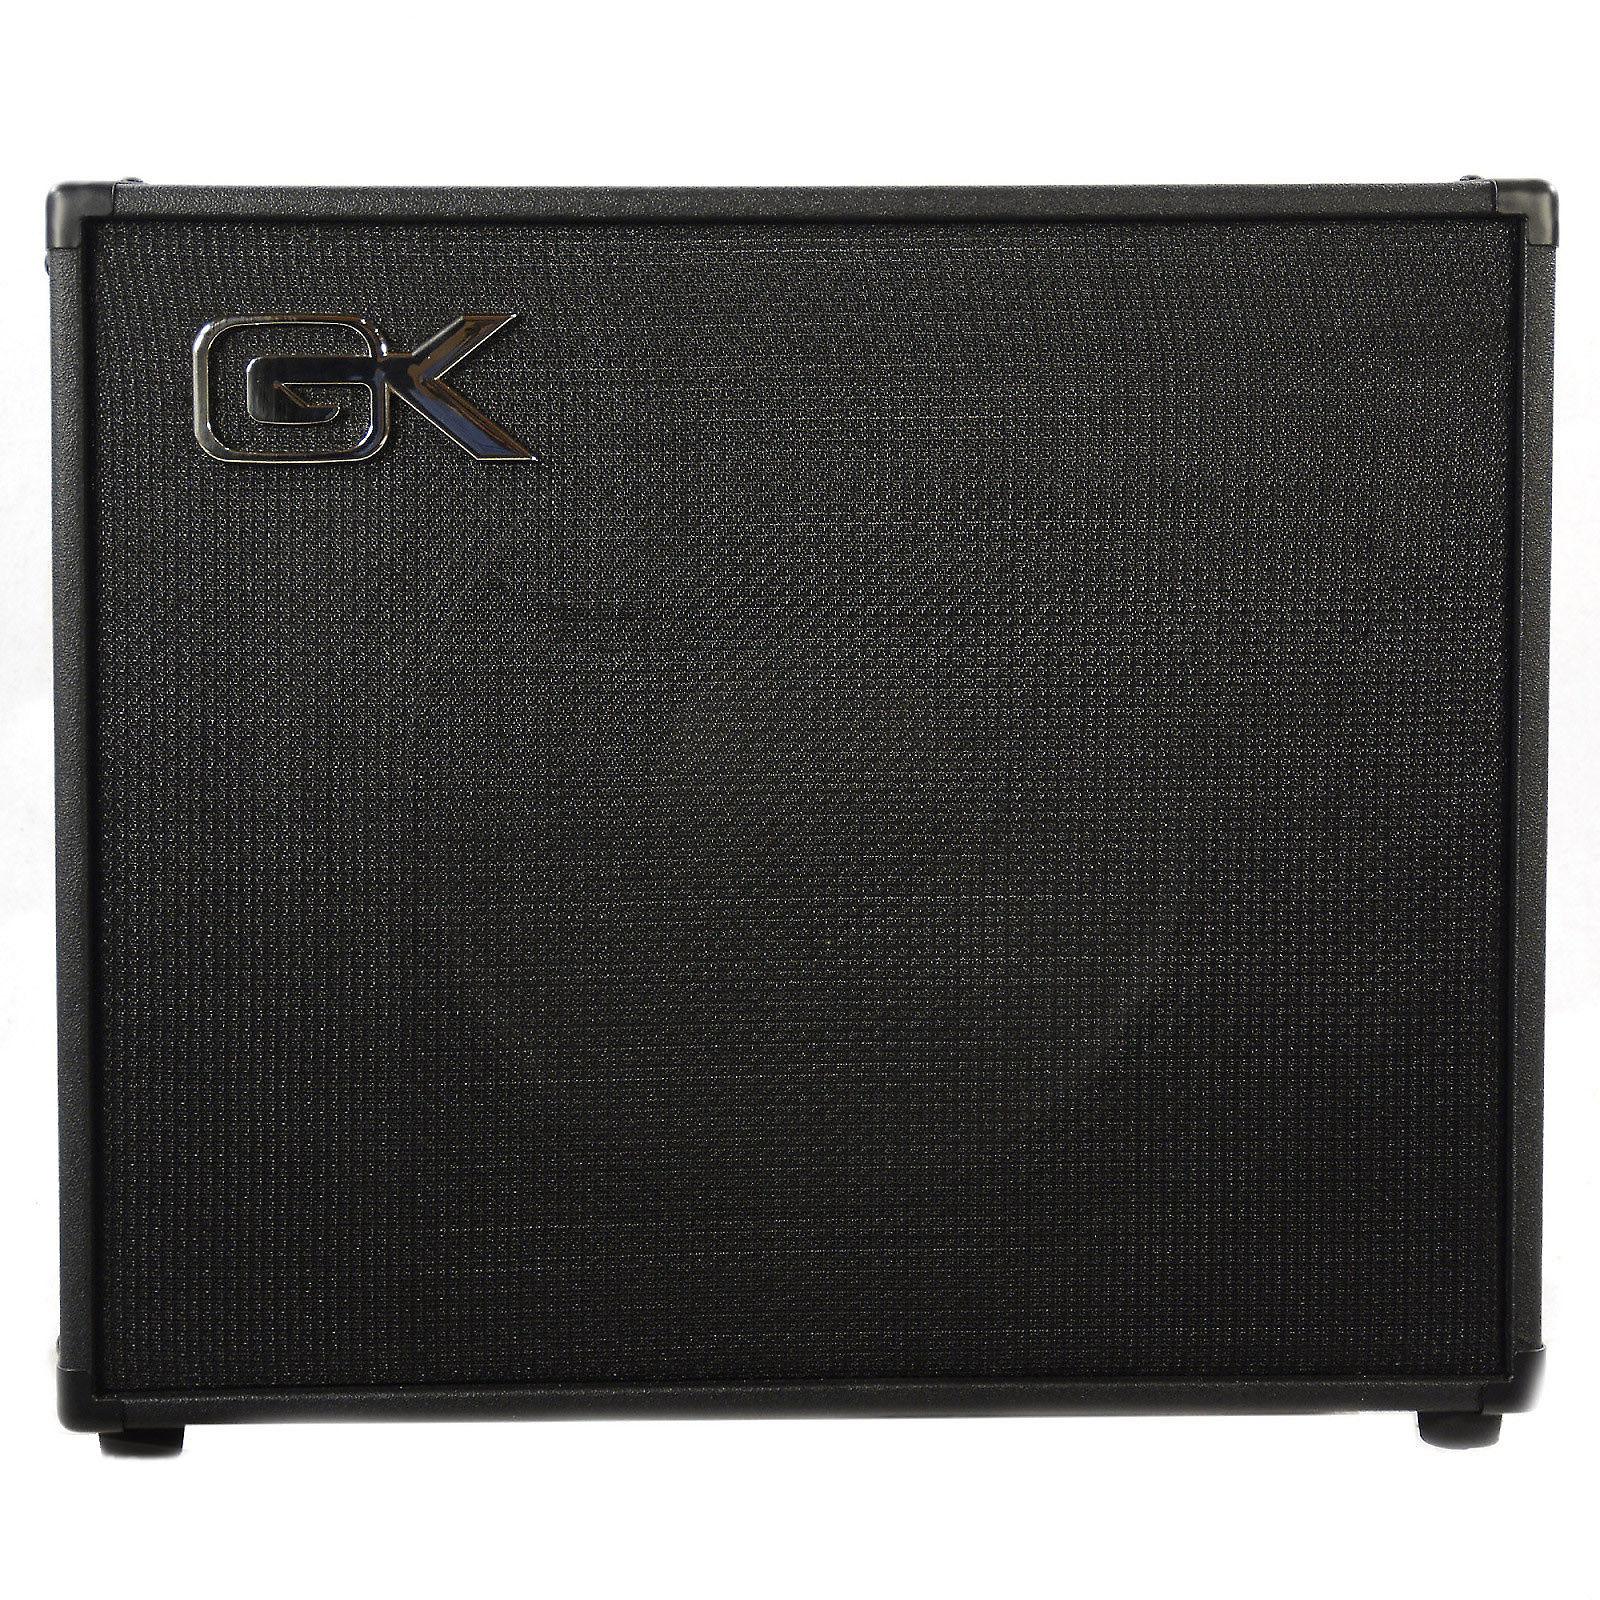 """Gallien-Krueger CX115 1x15"""" Bass Cabinet 300w 8½"""